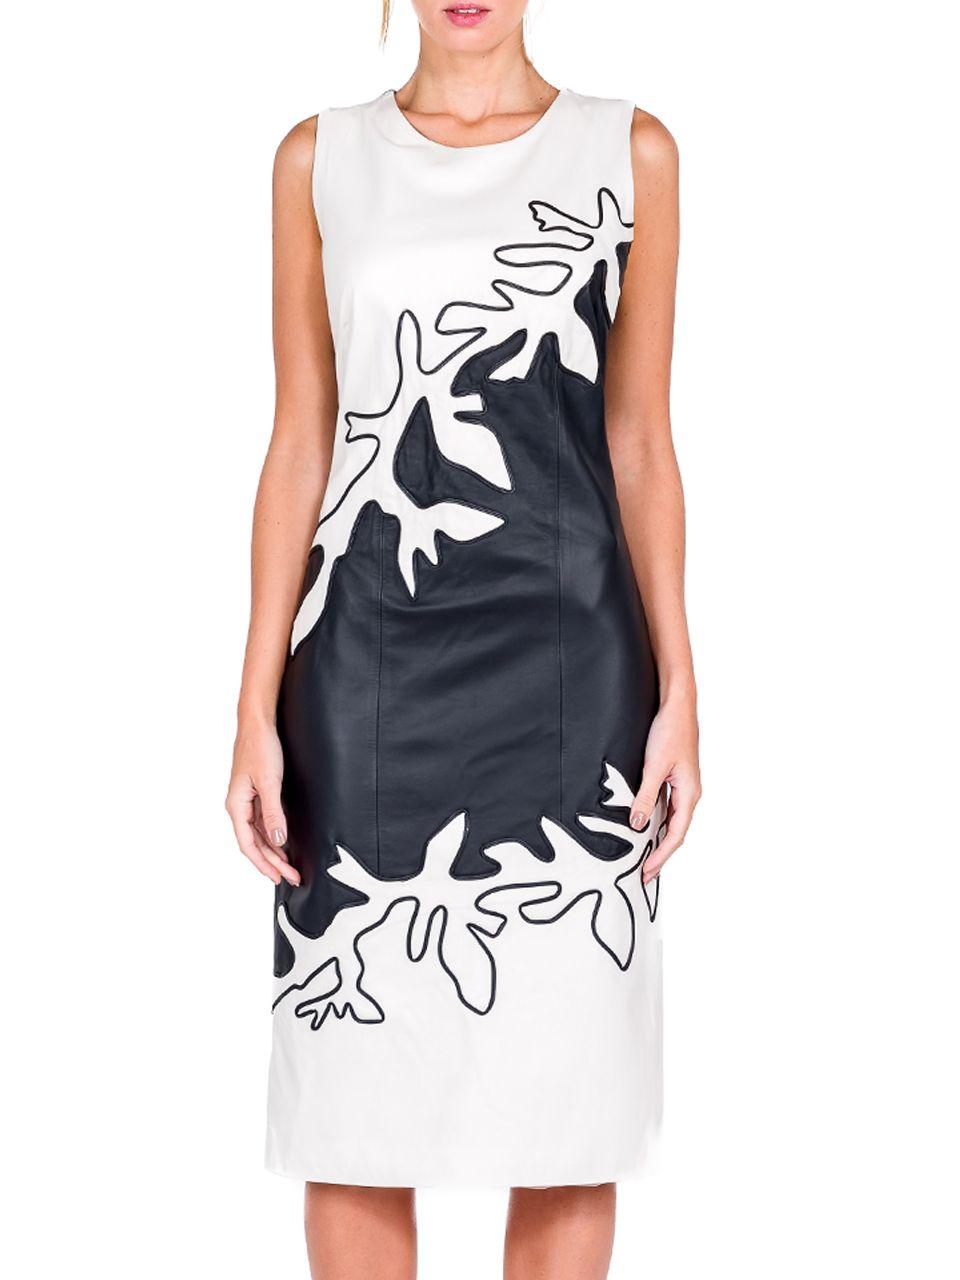 Vestido Regata Com Detalhes Handmade - Liziane Richter